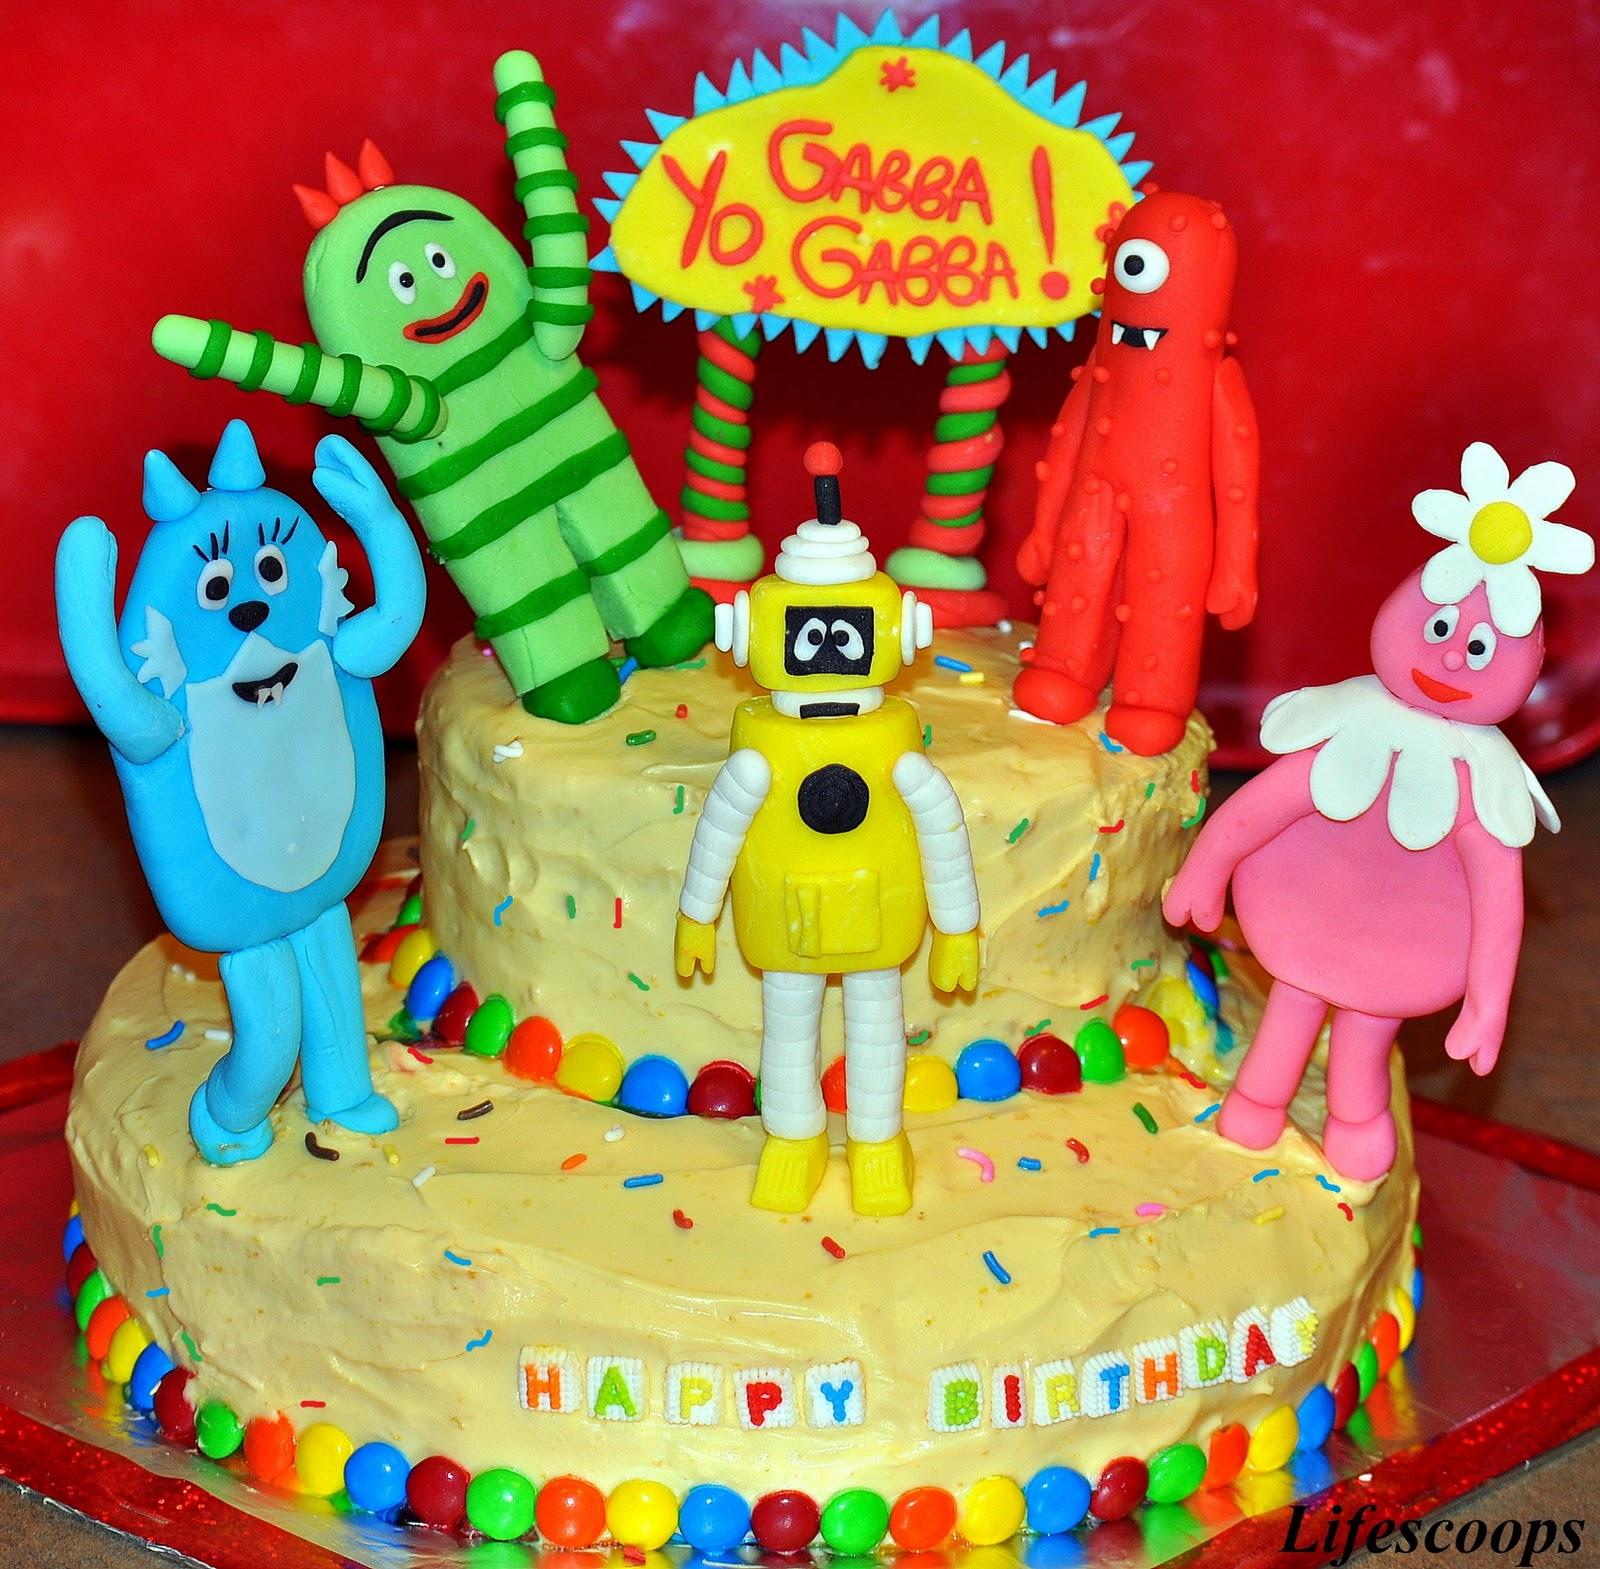 10 Gorgeous Yo Gabba Gabba Cakes Ideas life scoops yo gabba gabba cake for mikaelas 2nd birthday orange 2020